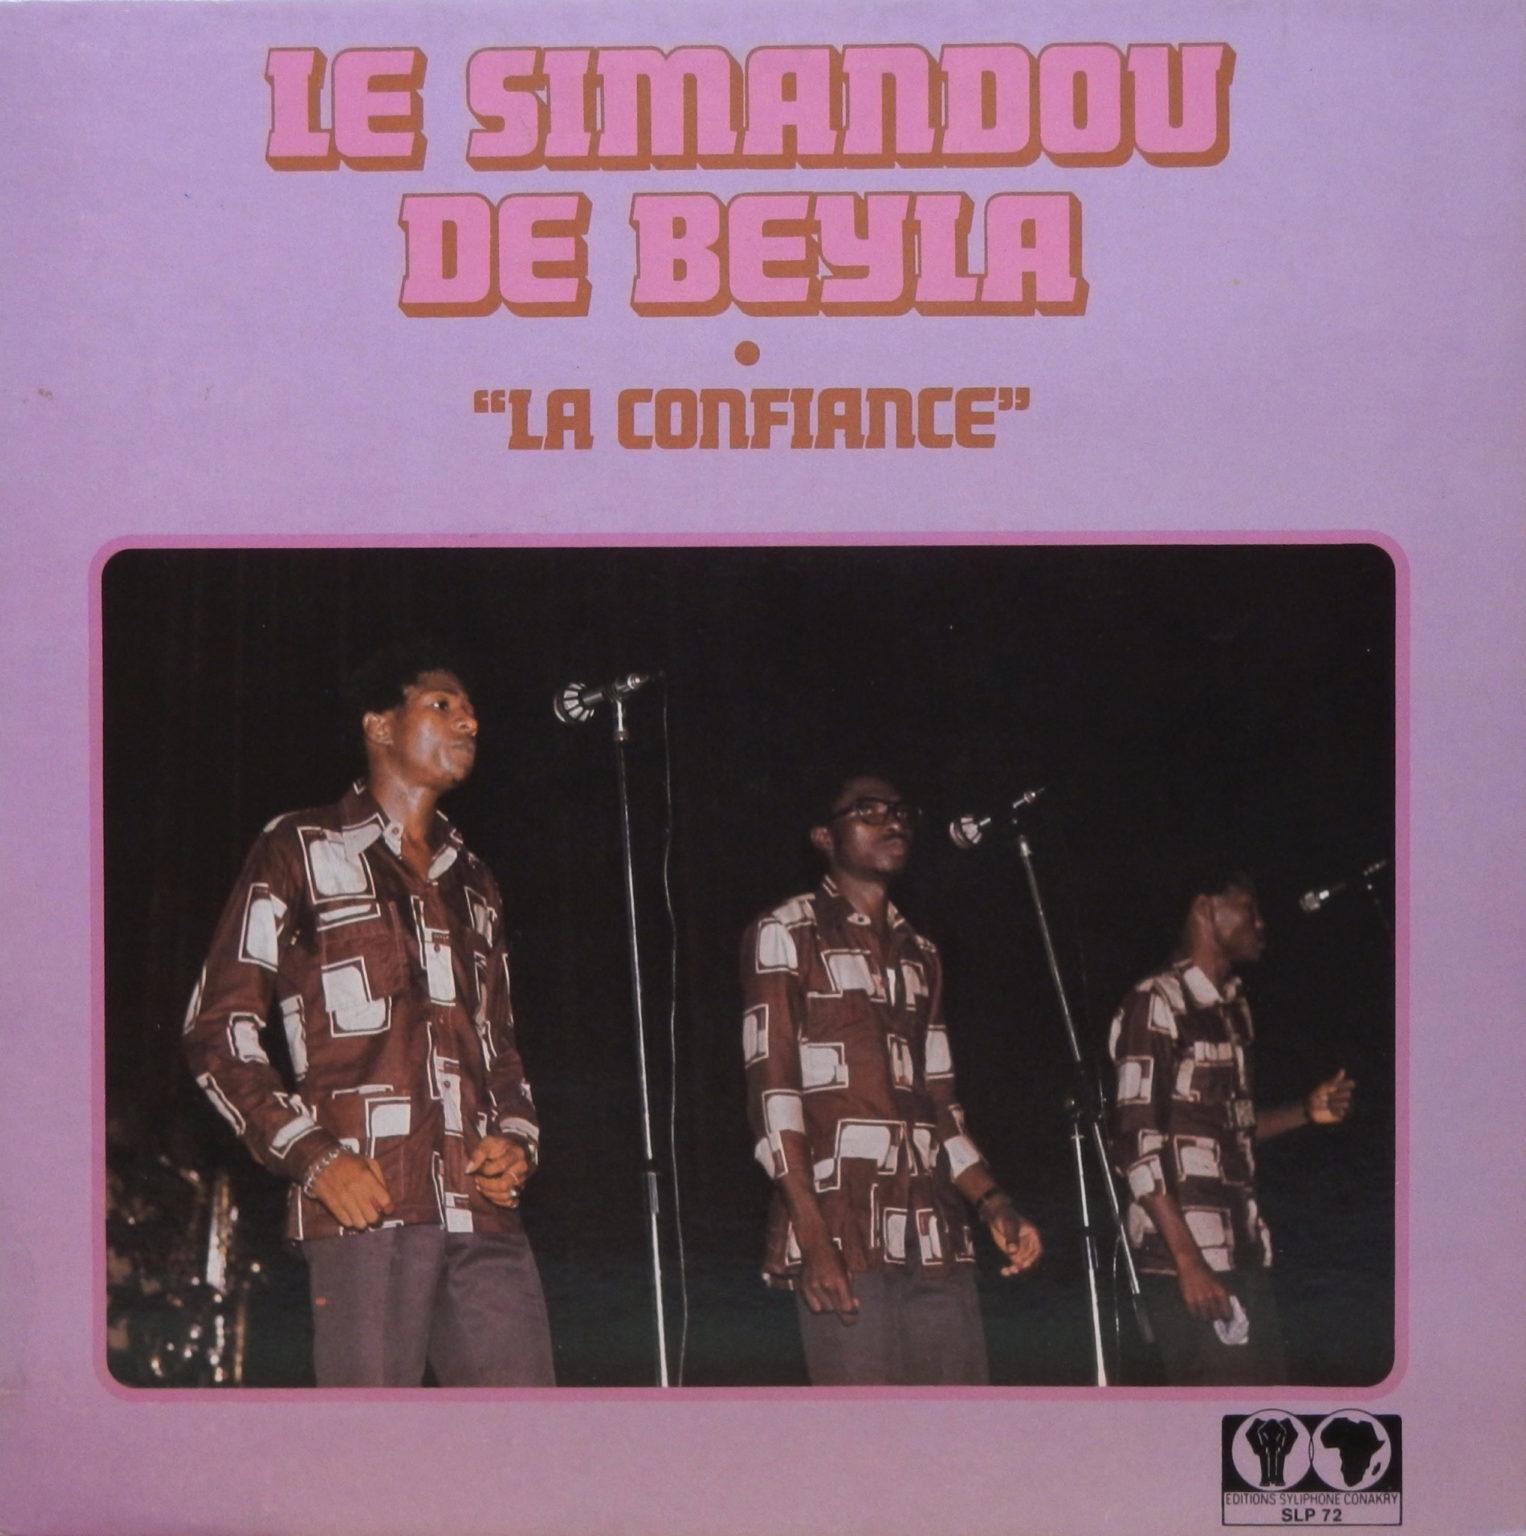 Le-Simandou-de-Beyla-front-scaled-1526x1536